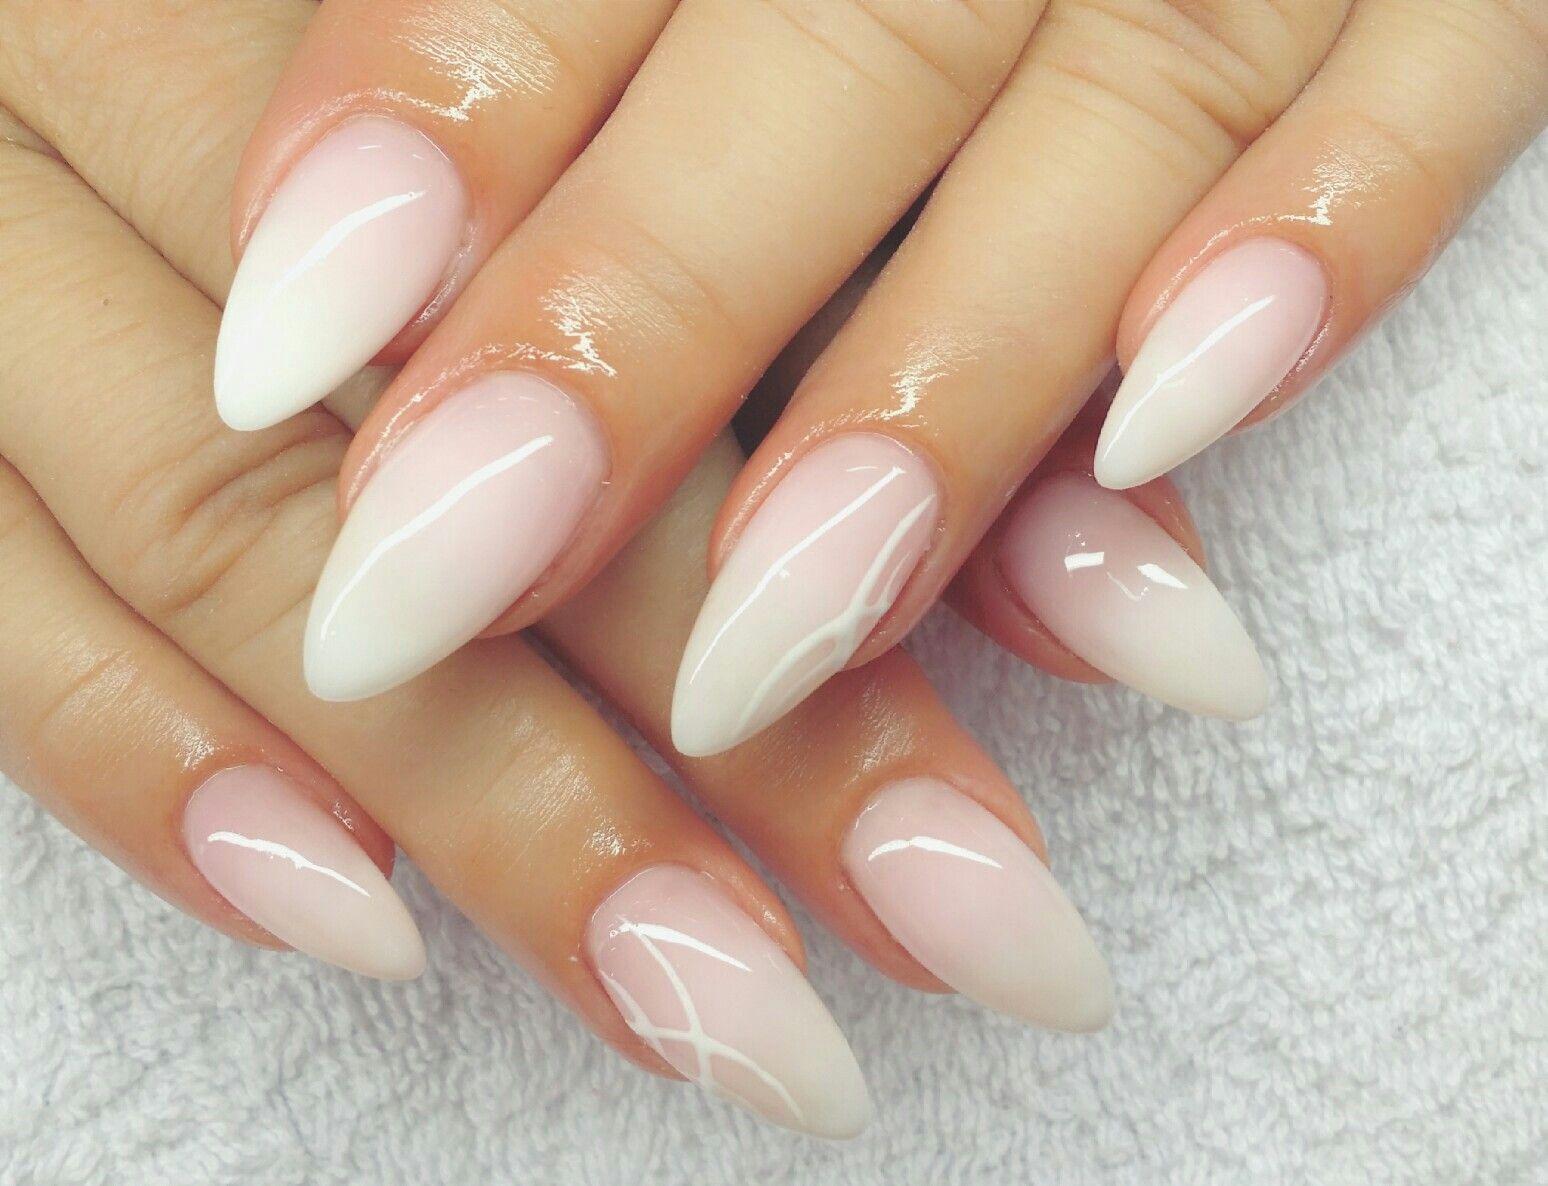 Nail Design Babyboomer | Nails nails nails by me :) | Pinterest ...